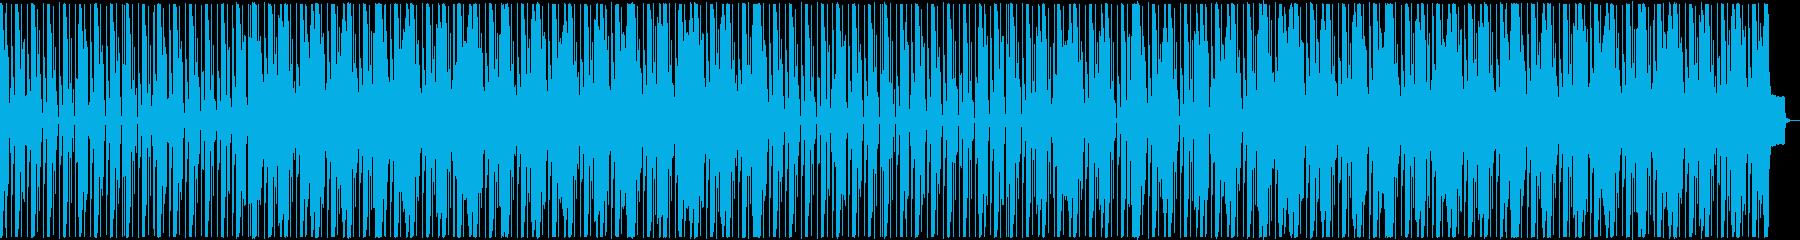 アラブ エキゾチック EDMの再生済みの波形